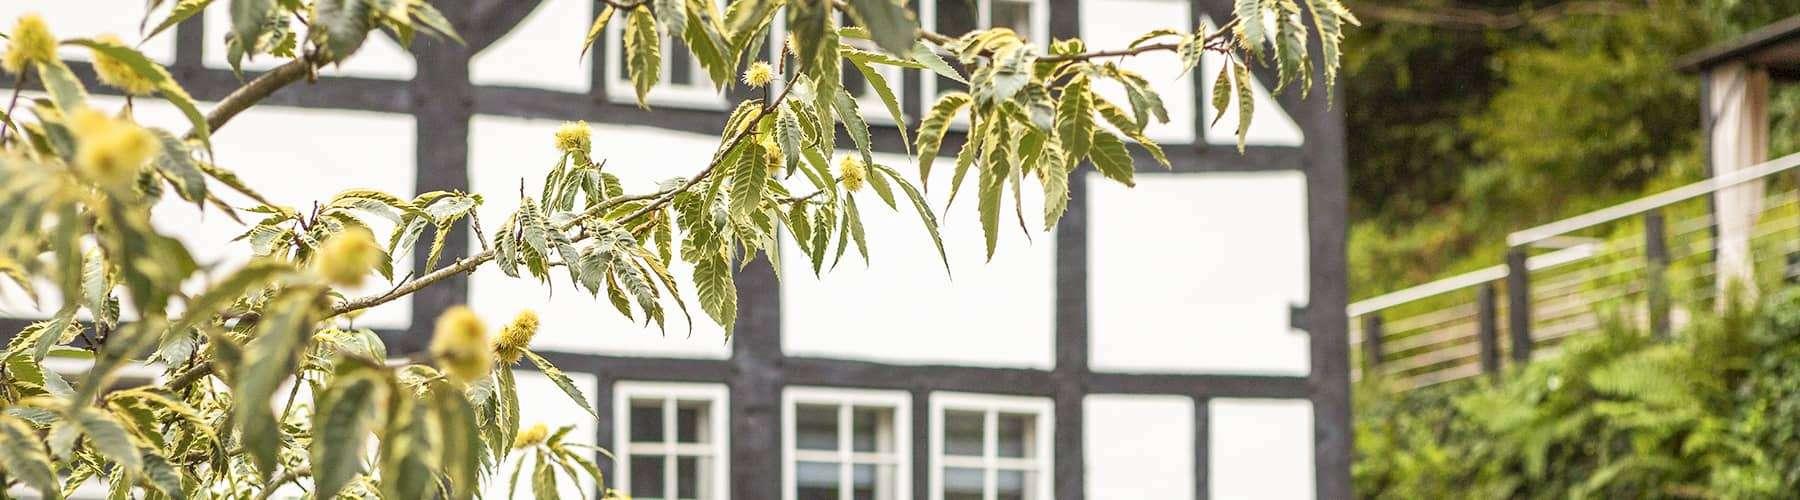 Senioren-WG: Eigene Wohnung, viel Gesellschaft und professionelle Versorgung.